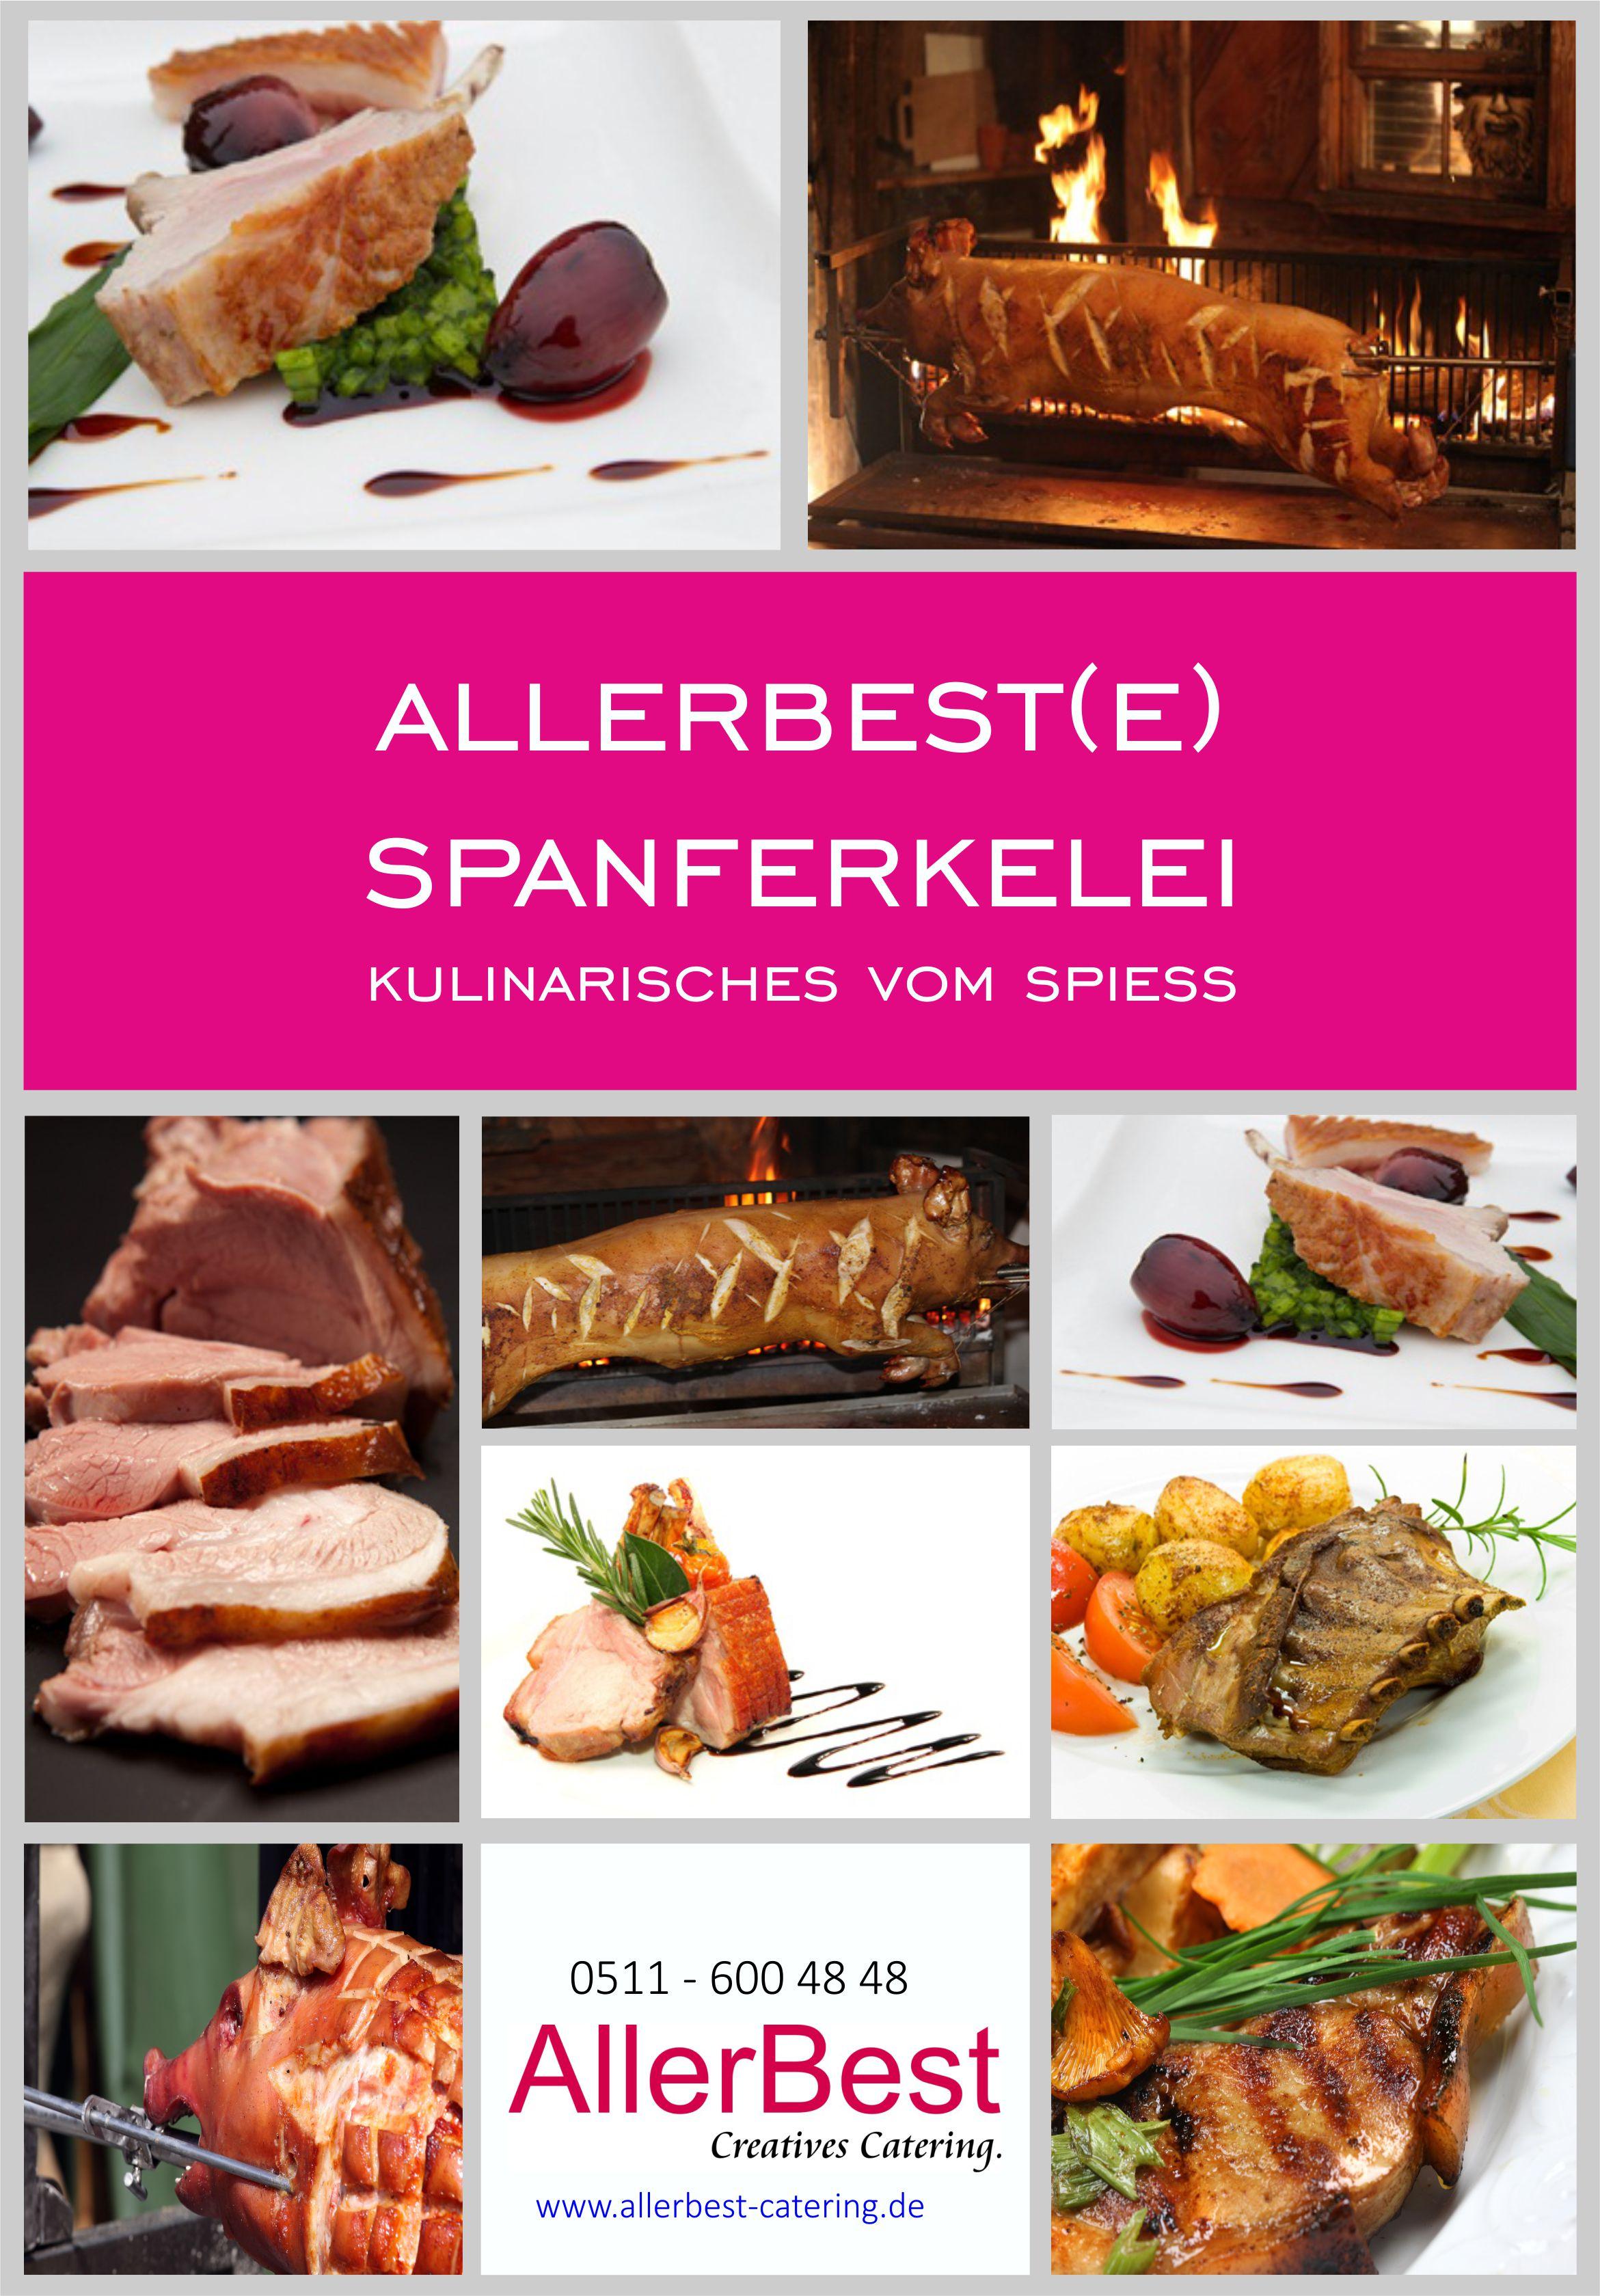 Titelblatt Spanferkelbuffet 2018